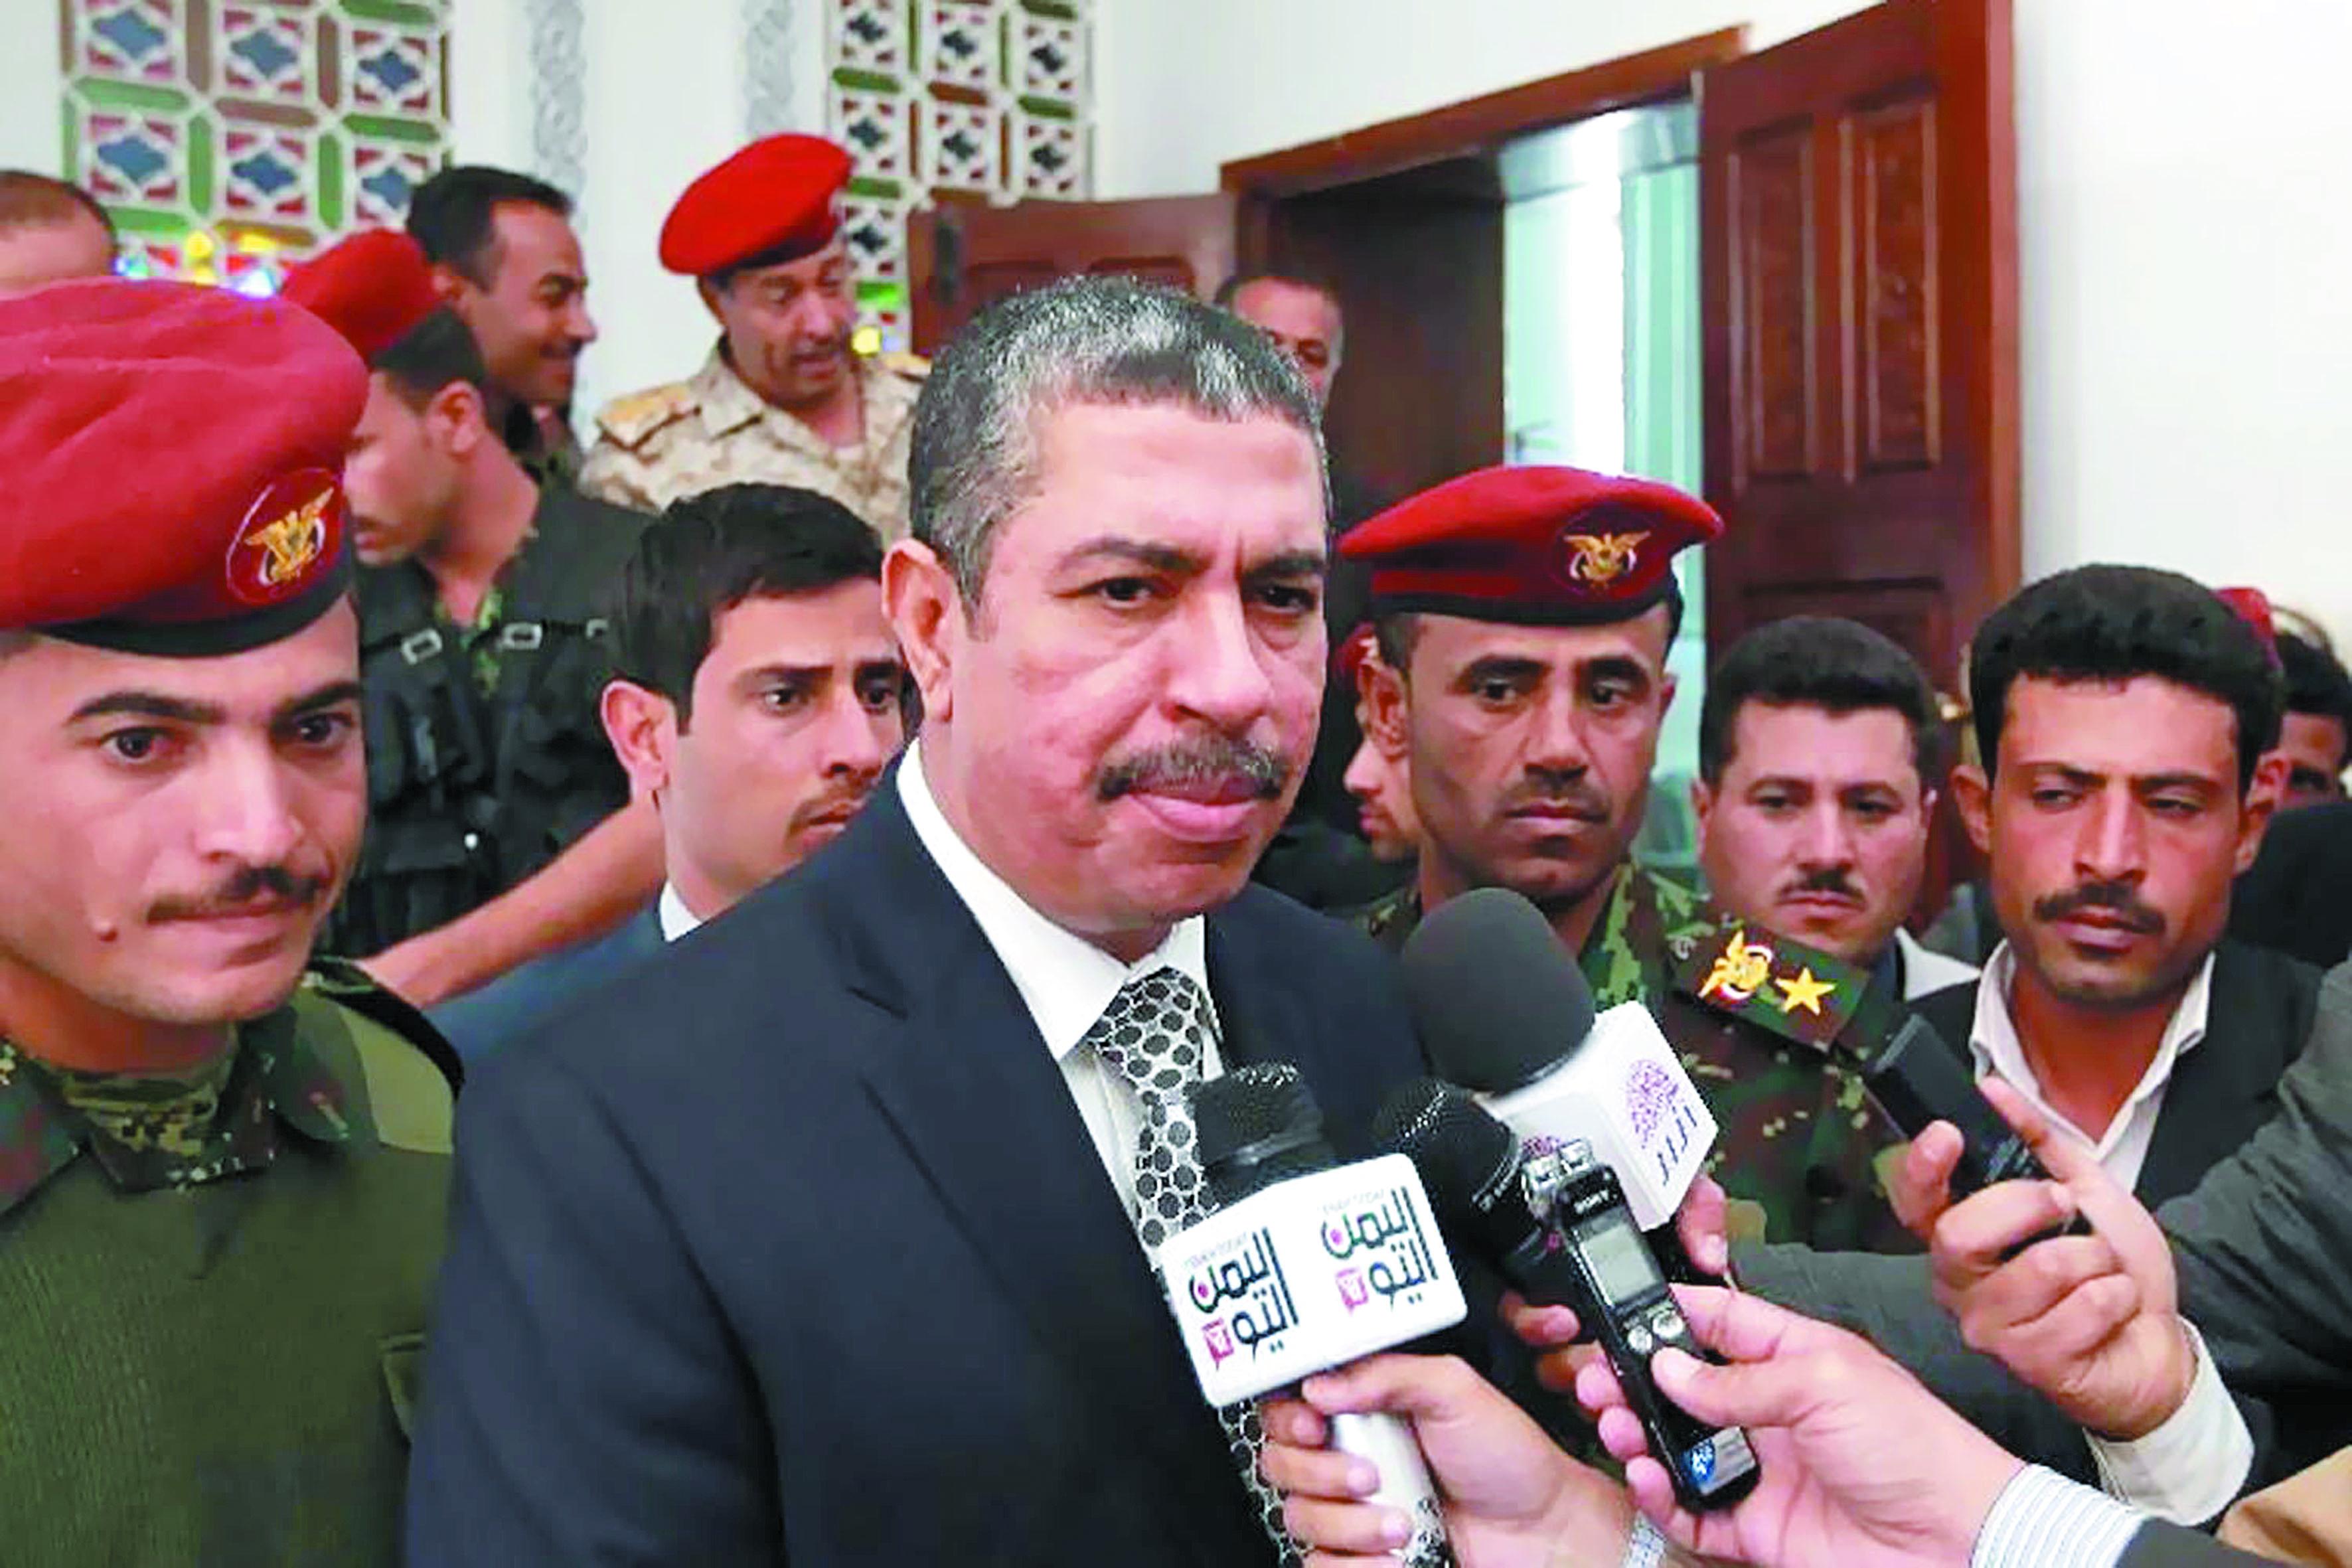 Visite symbolique  à Aden du chef du  gouvernement en exil